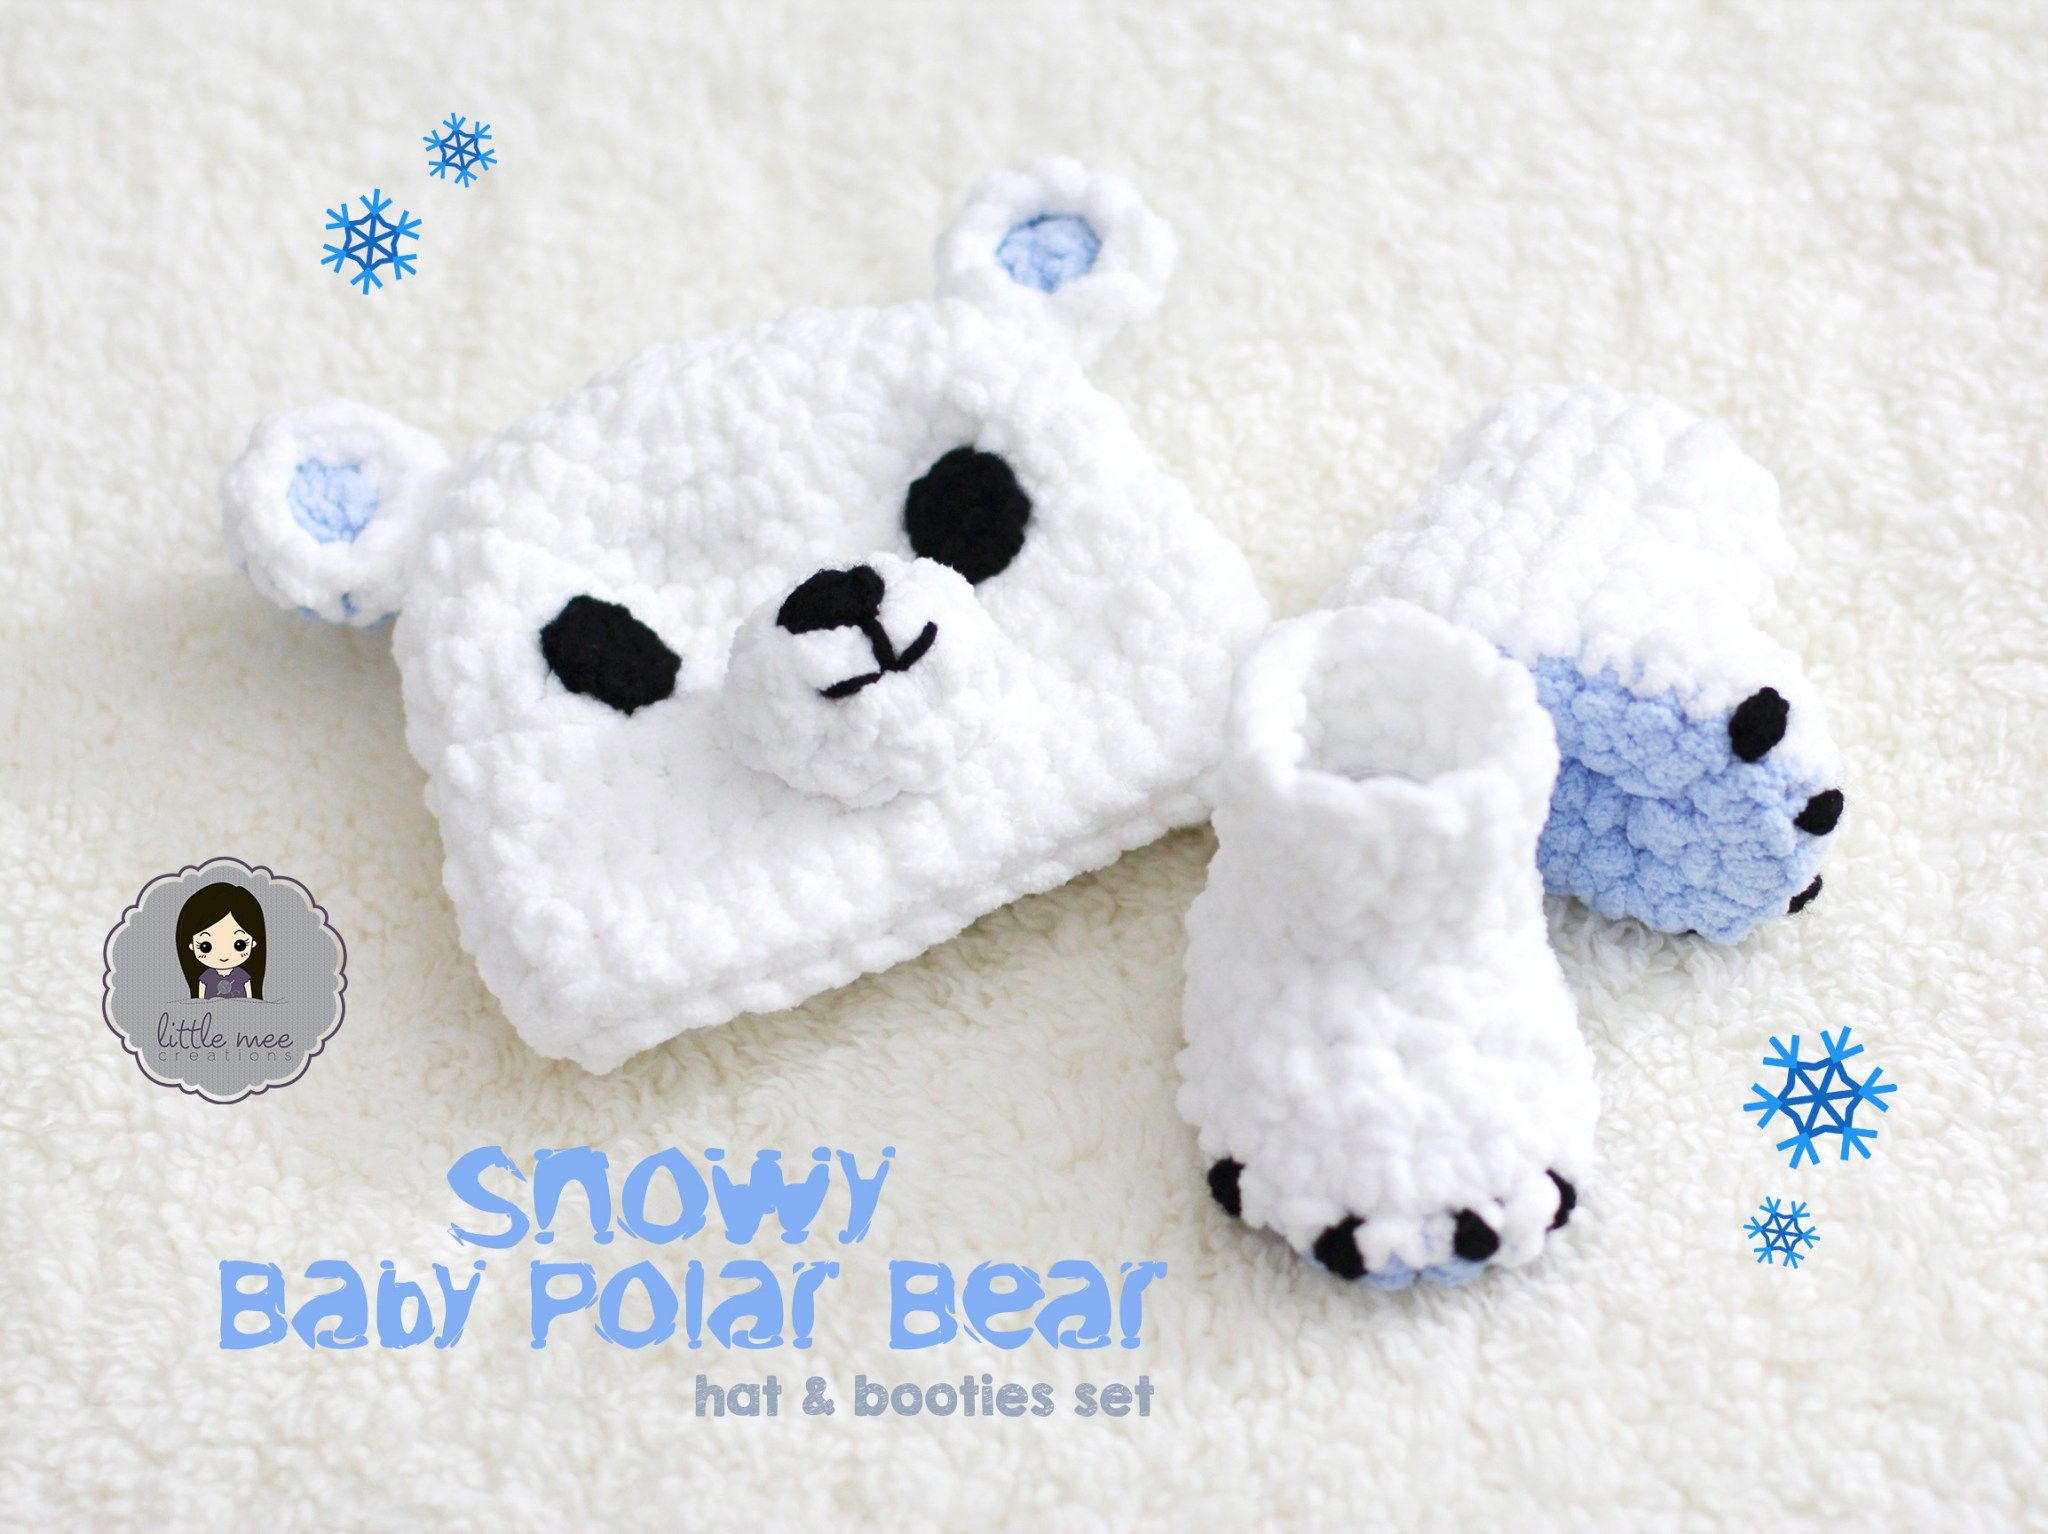 Snowy baby polar bear crochet pattern by little mee creations baby snowy baby polar bear crochet pattern by little mee creations dt1010fo